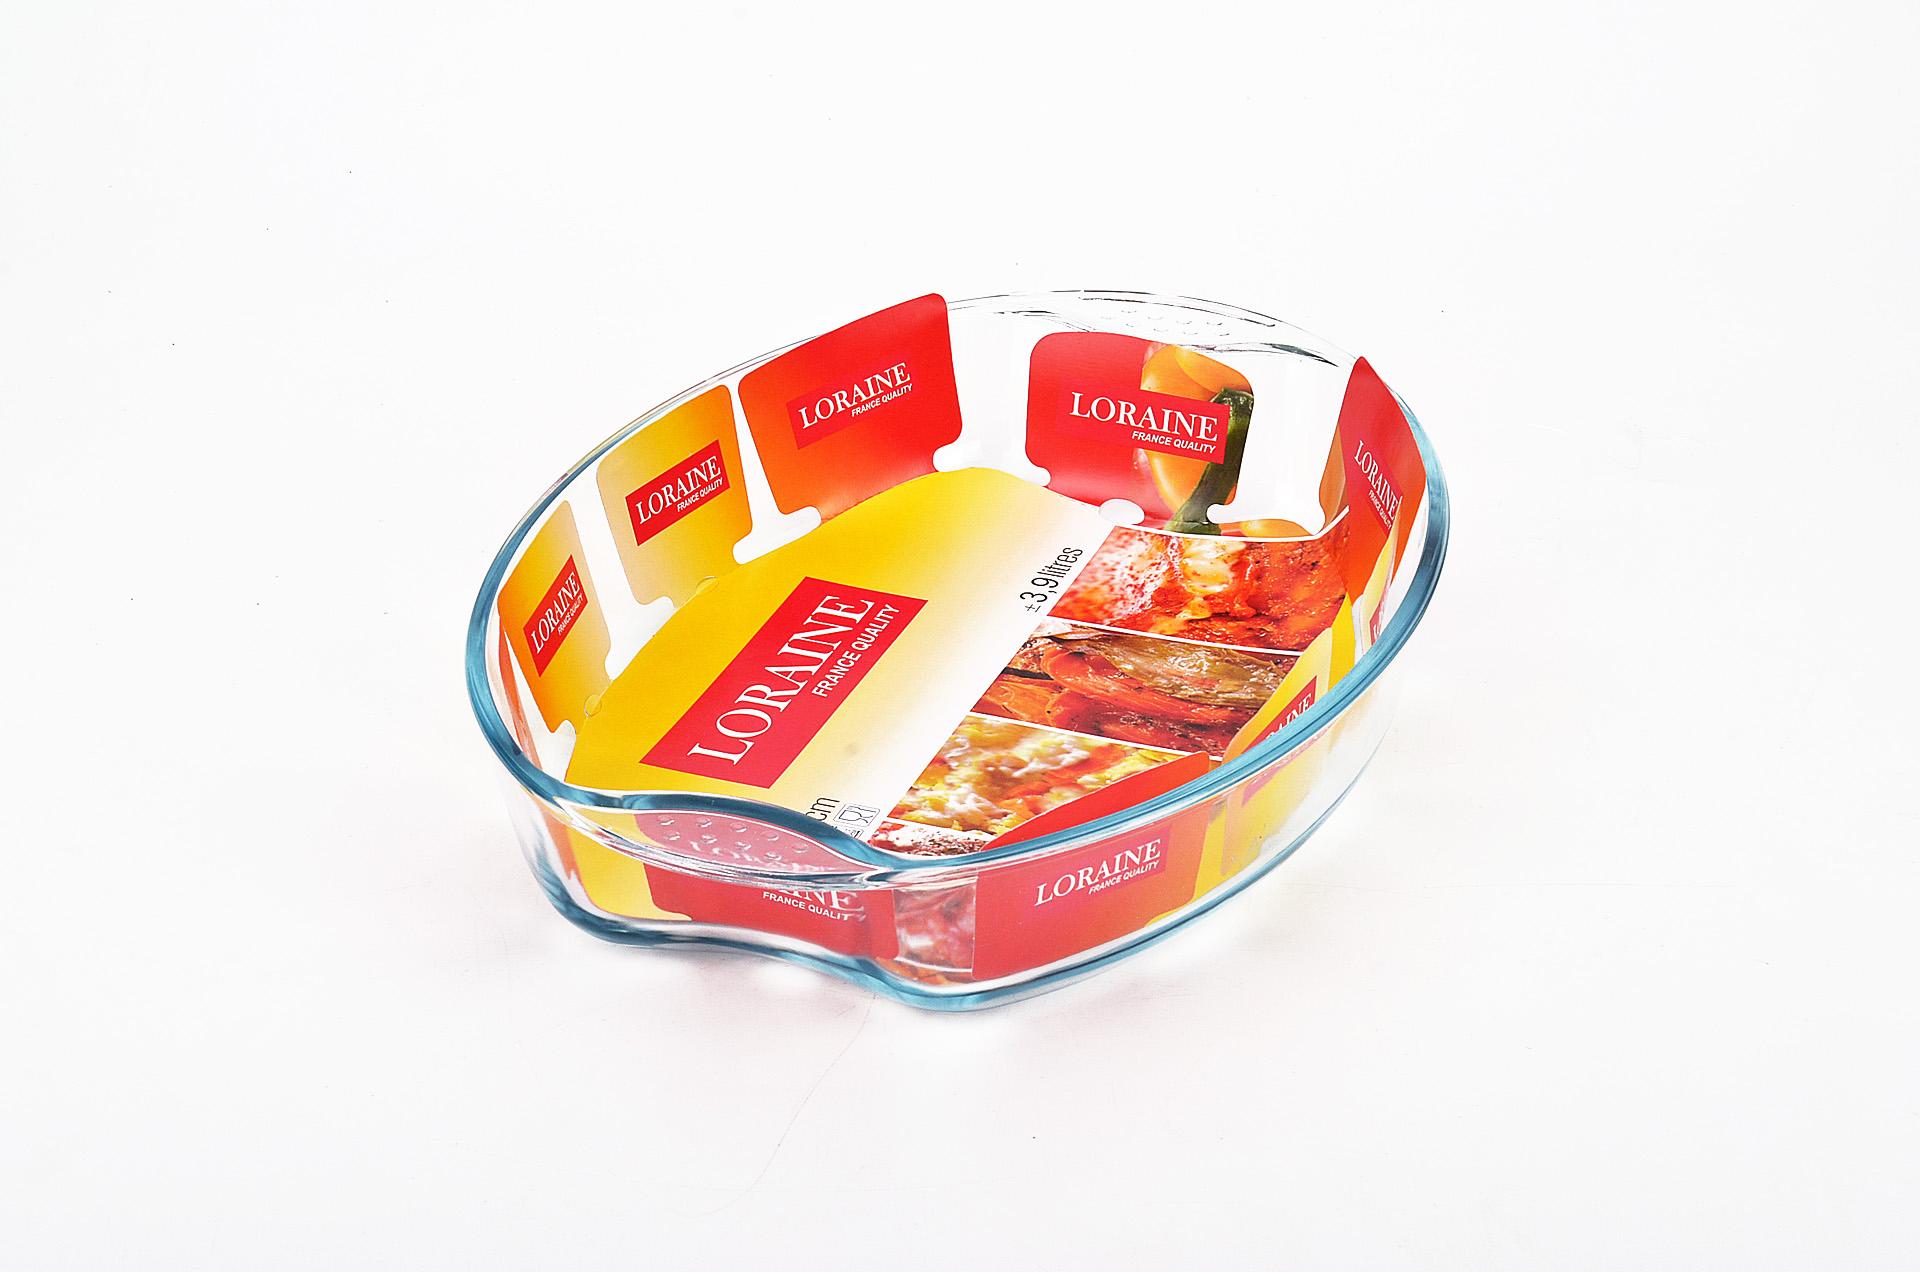 Жаровня Loraine, 2,9 л391602Овальная жаровня Loraine изготовлена из жаропрочного боросиликатного прозрачного стекла. Стеклянная посуда идеальна для запекания, так как стекло - это экологически чистый, износостойкий и долговечный материал, к которому не прилипает пища, в такой посуде пища сохраняет все свои полезные вещества и микроэлементы. Емкость идеальна для запекания в духовке птицы и мяса, для приготовления лазаньи, запеканки и даже пирогов. С жаровней Loraine вы всегда сможете порадовать своих близких оригинальной выпечкой.Подходит для использования в духовке при температуре до +400°С, в морозильной камере при температуре до -40°С. Можно использовать в микроволновой печи. Подходит для мытья в посудомоечной машине. Объем: 2,9 л. Размер жаровни (с учетом ручек): 34,5 см х 24 см. Высота стенки: 6,5 см.